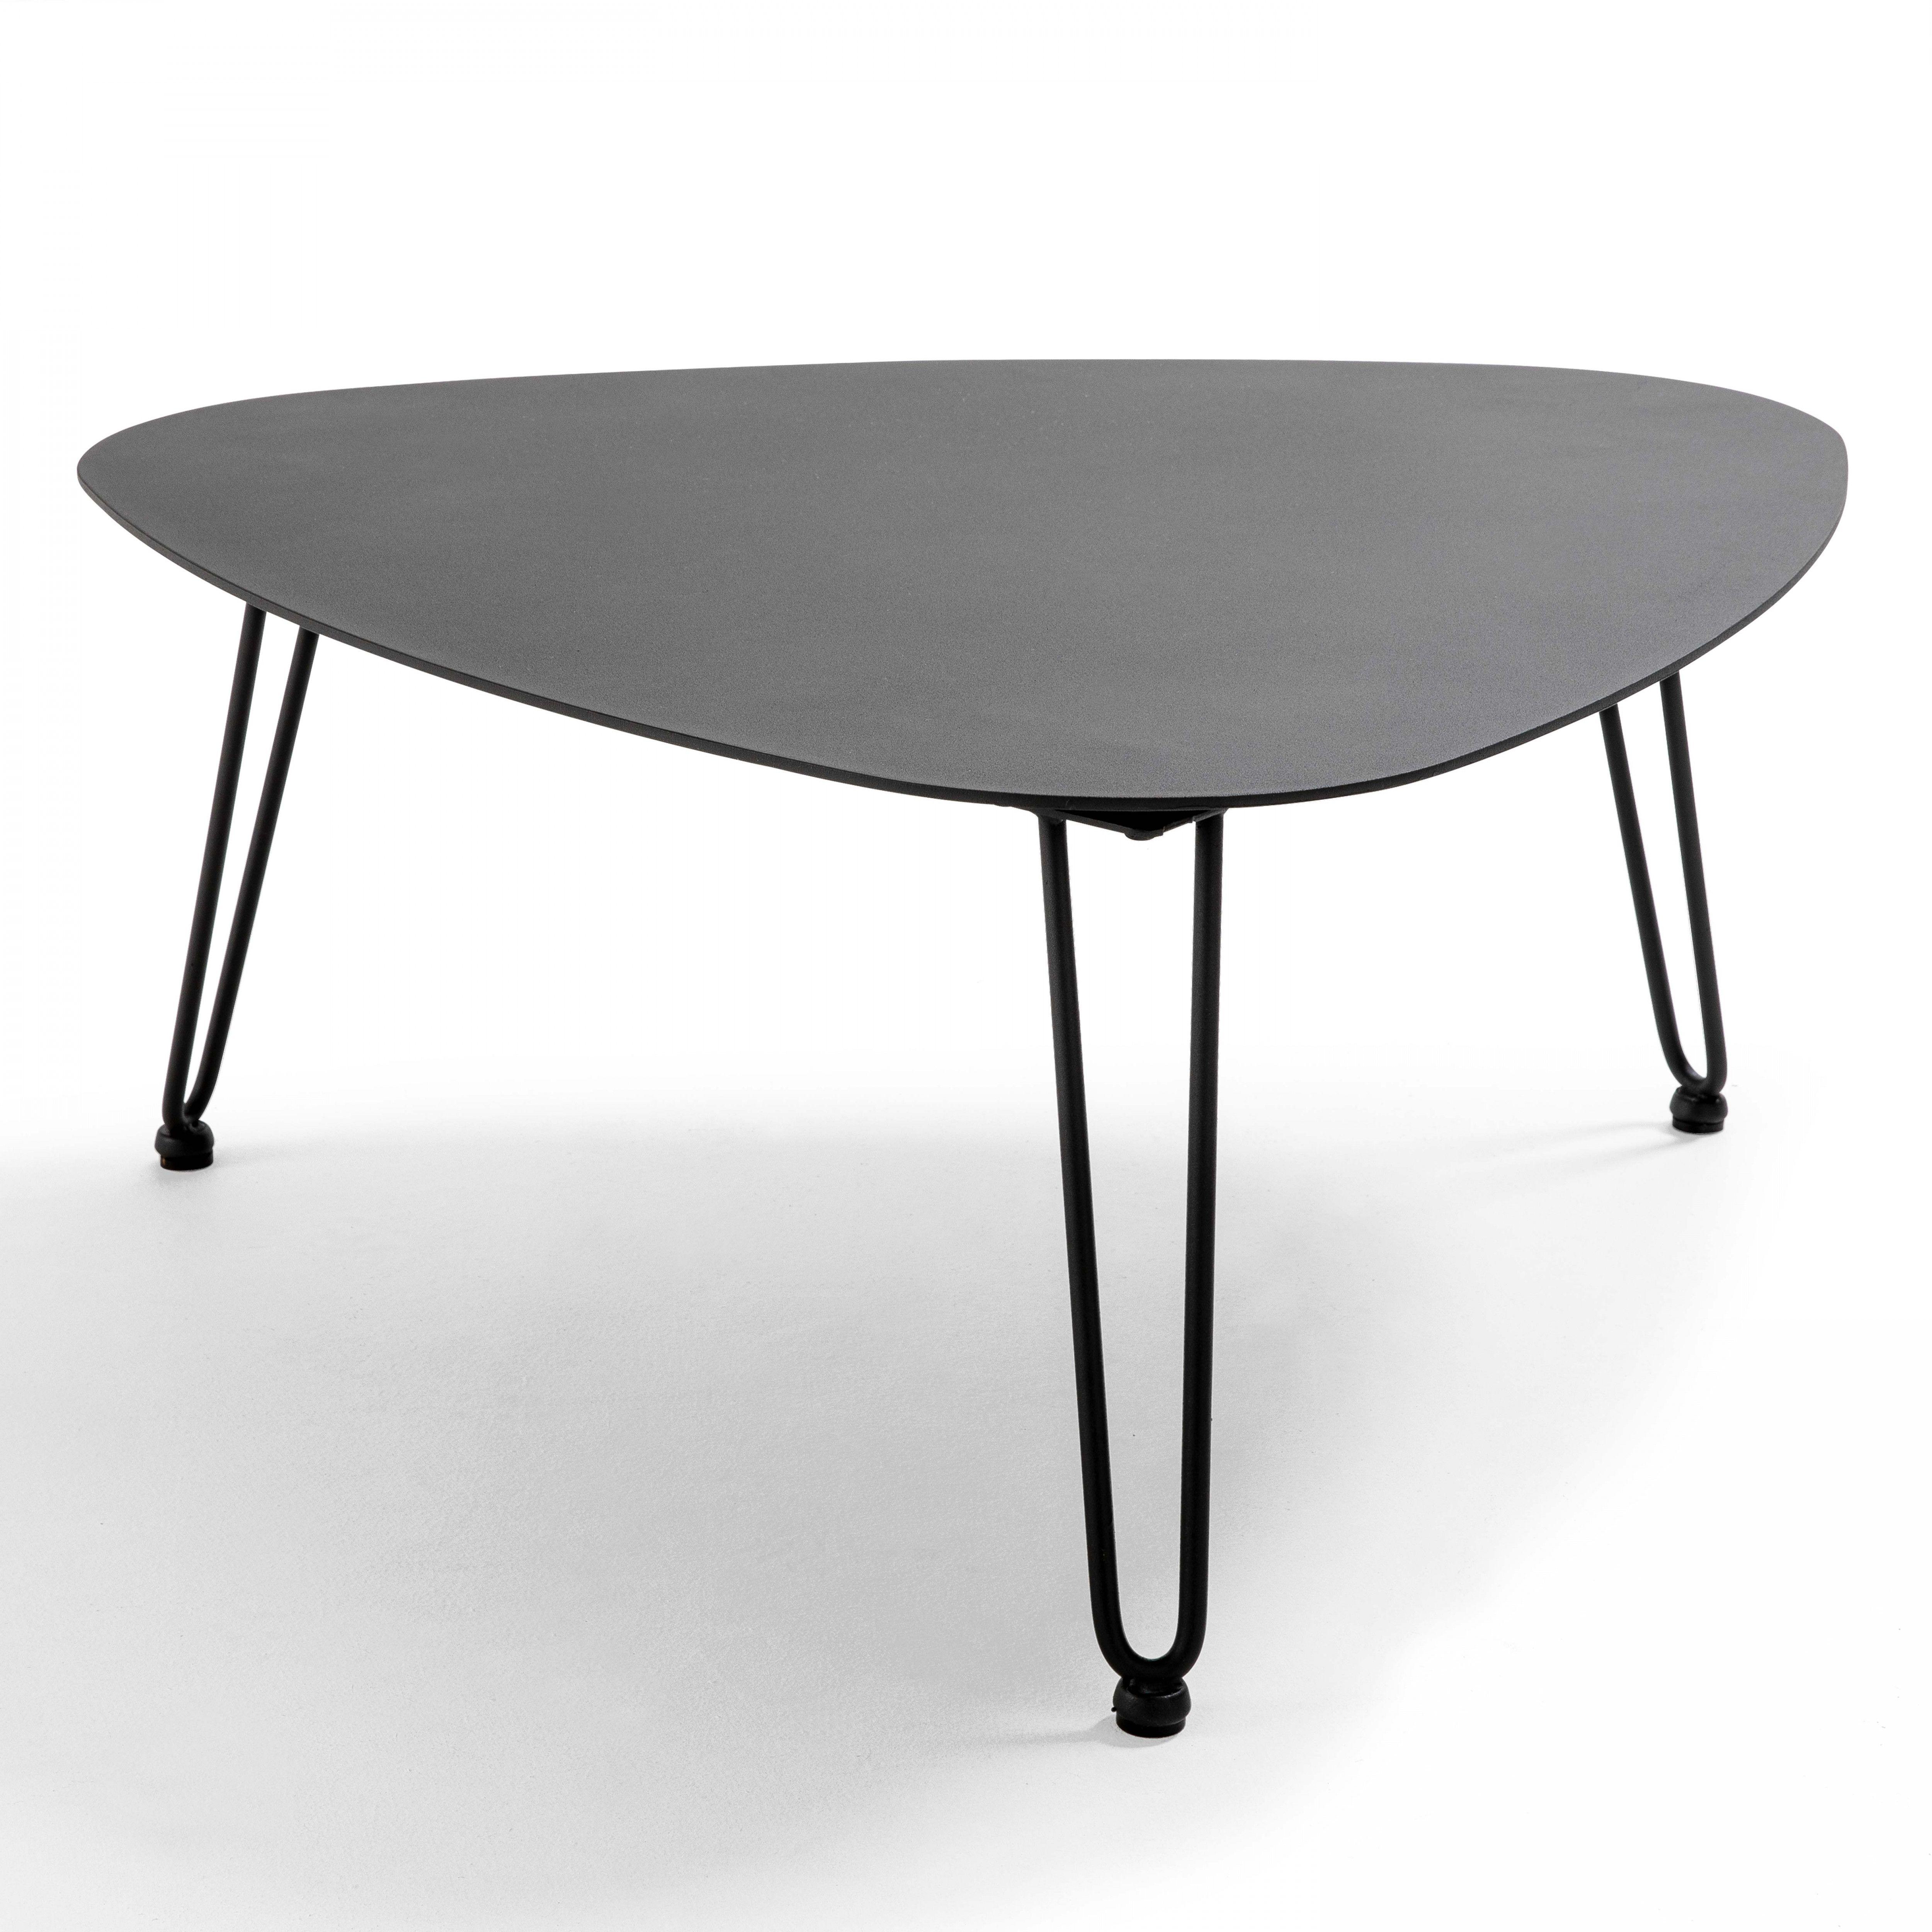 Table basse en aluminium gris foncé